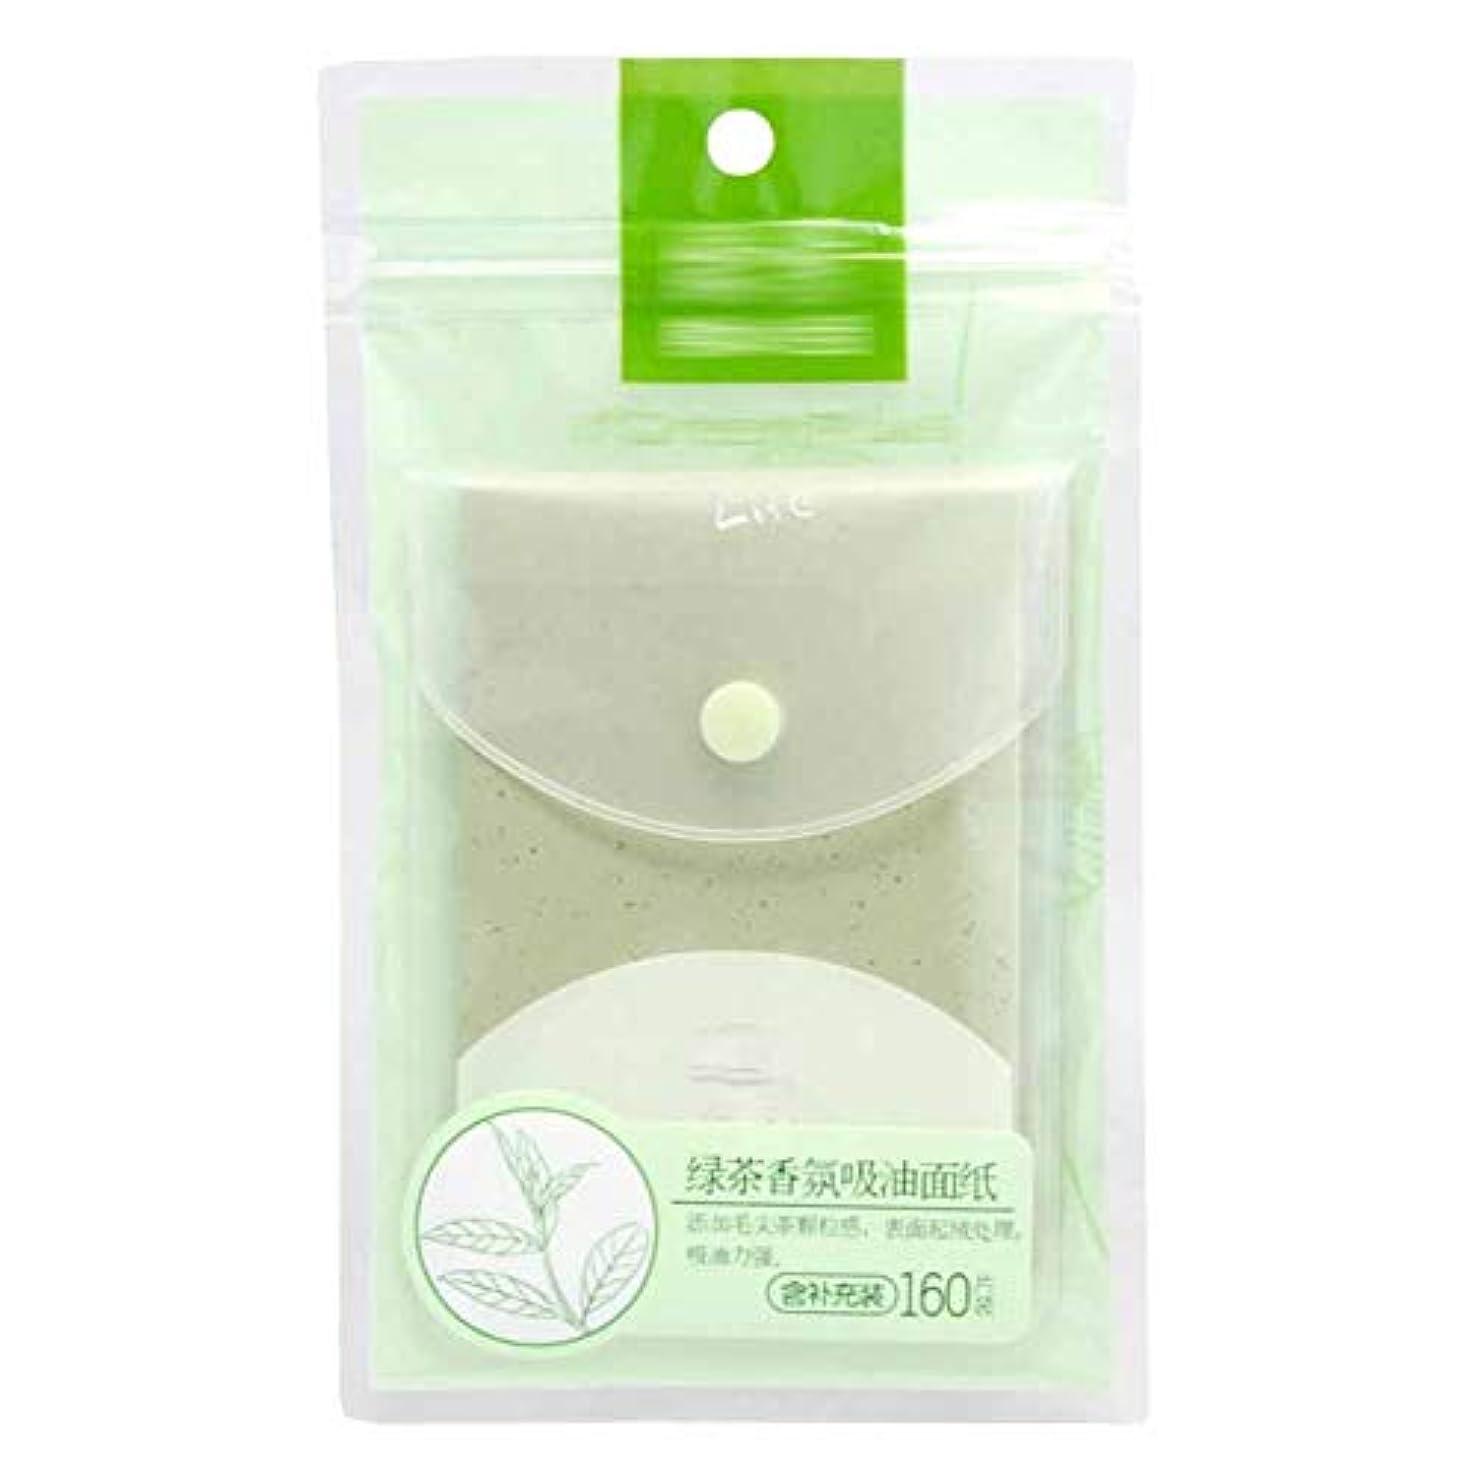 適格コンソール経営者緑茶の携帯用吸油性シート、2パックの合計320シート